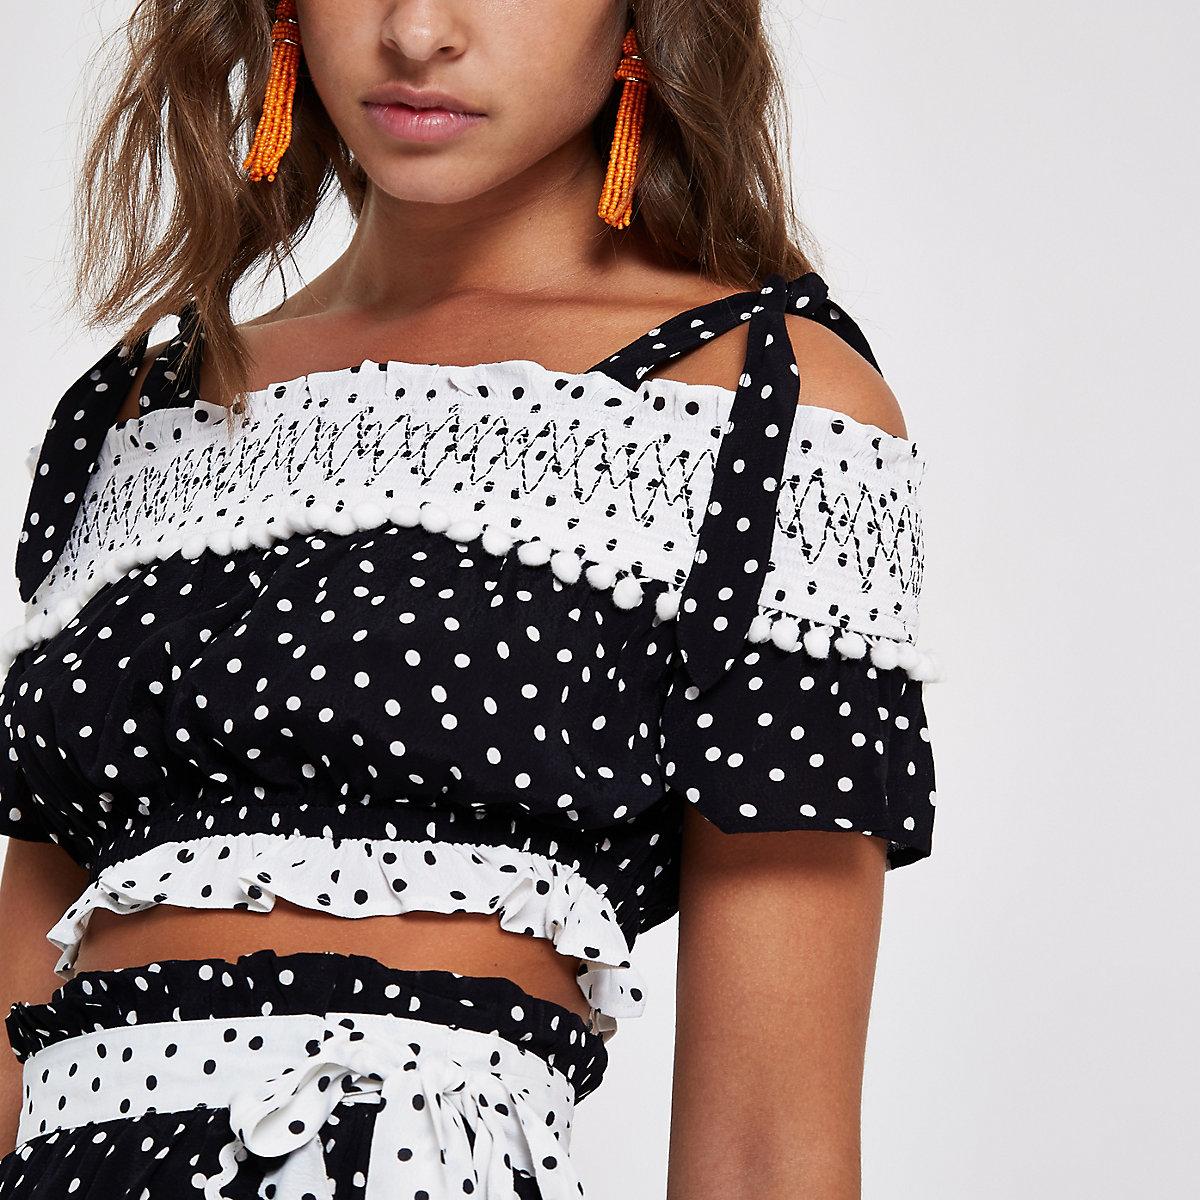 e2d6e3a86940b Black polka dot bardot beach crop top - Kaftans & Beach Cover-Ups -  Swimwear & Beachwear - women